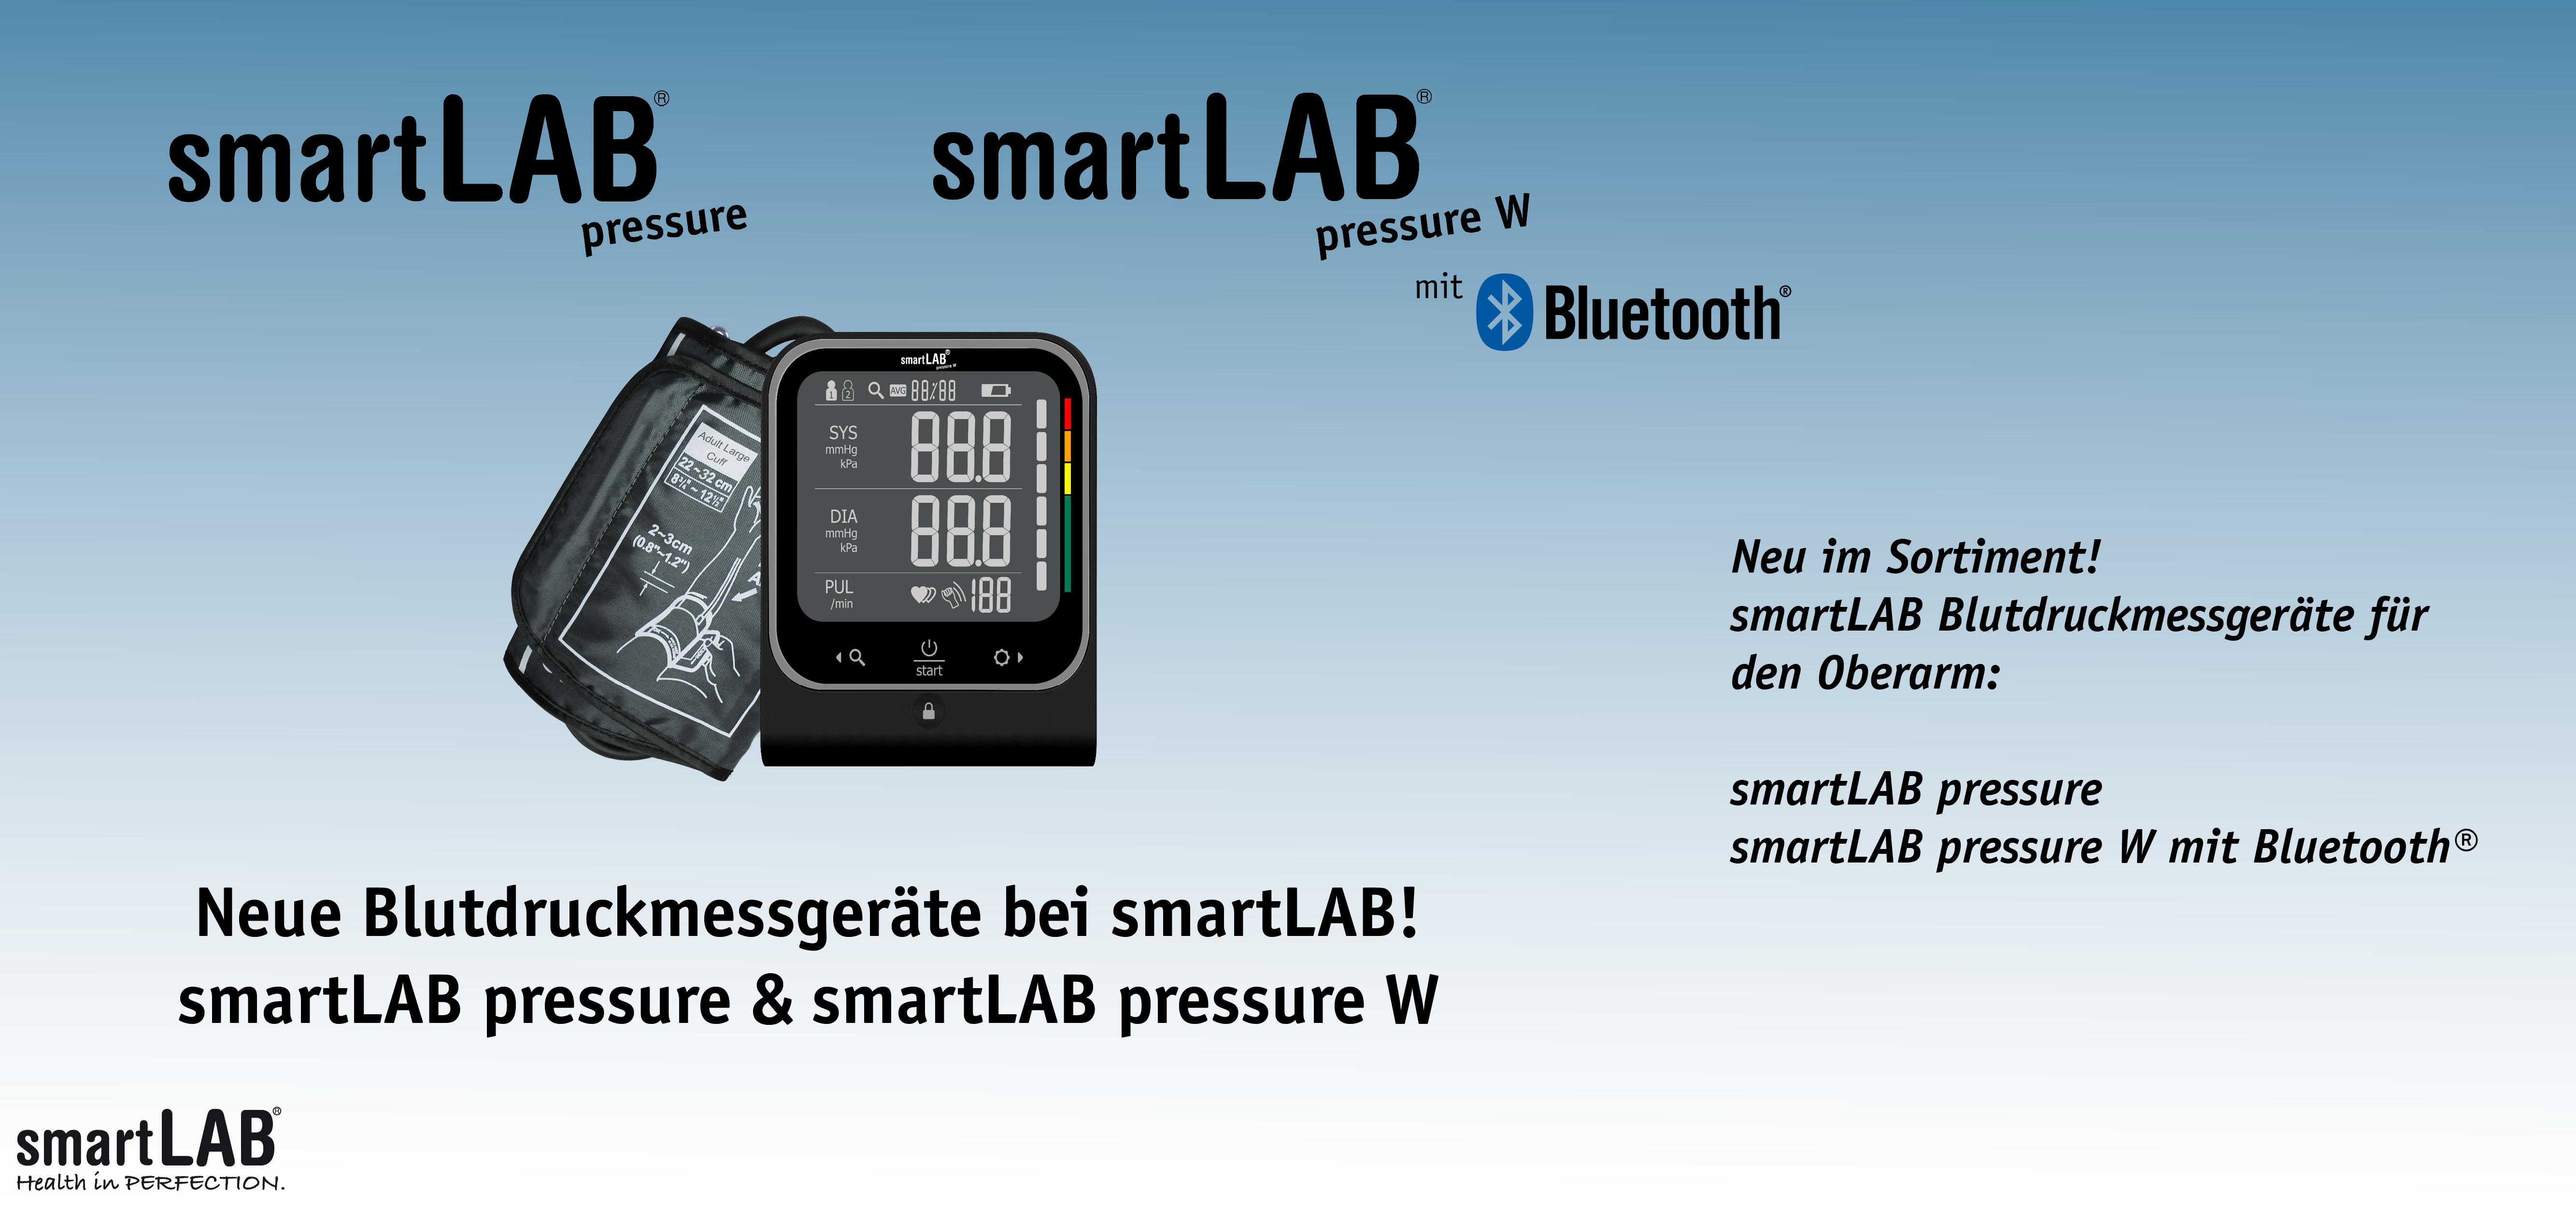 smartLAB pressure W